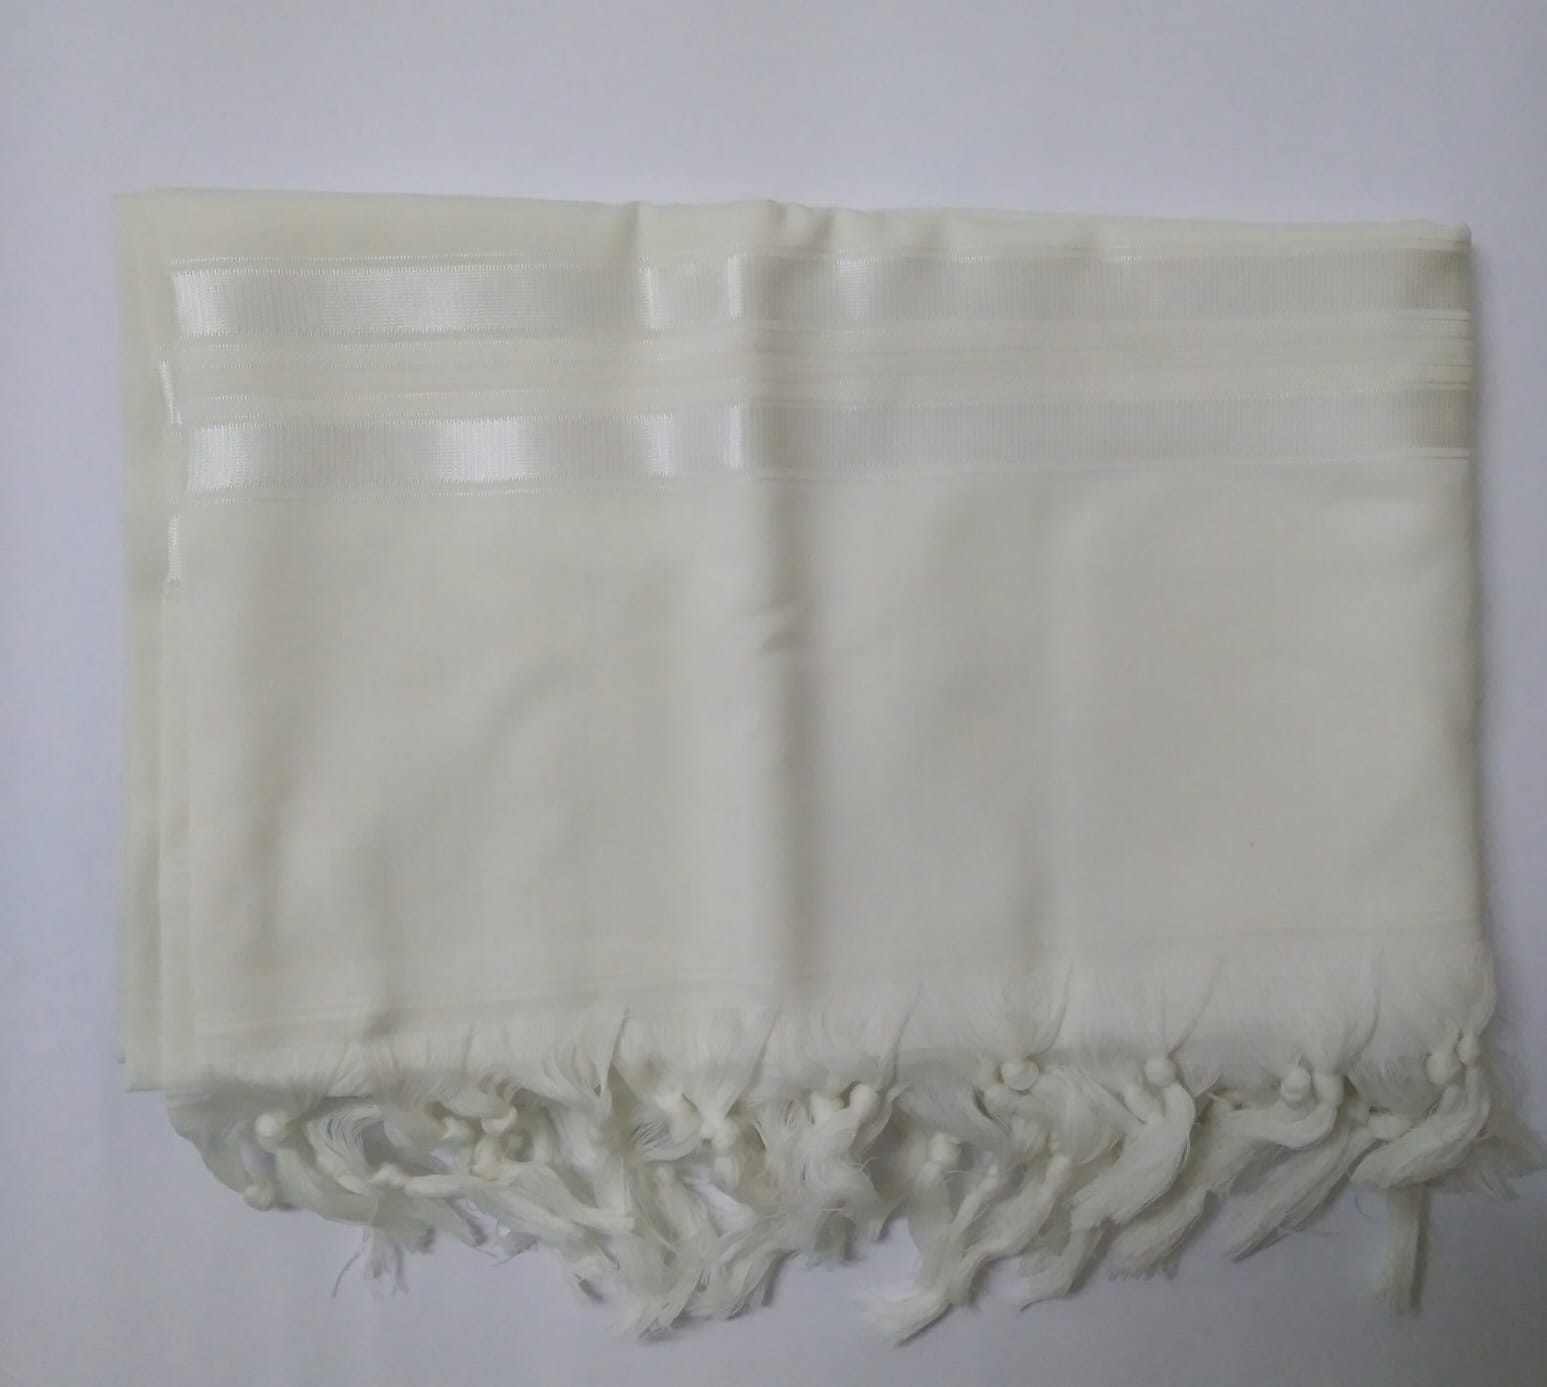 טלית צמר א.א מידה 50 פסים לבן